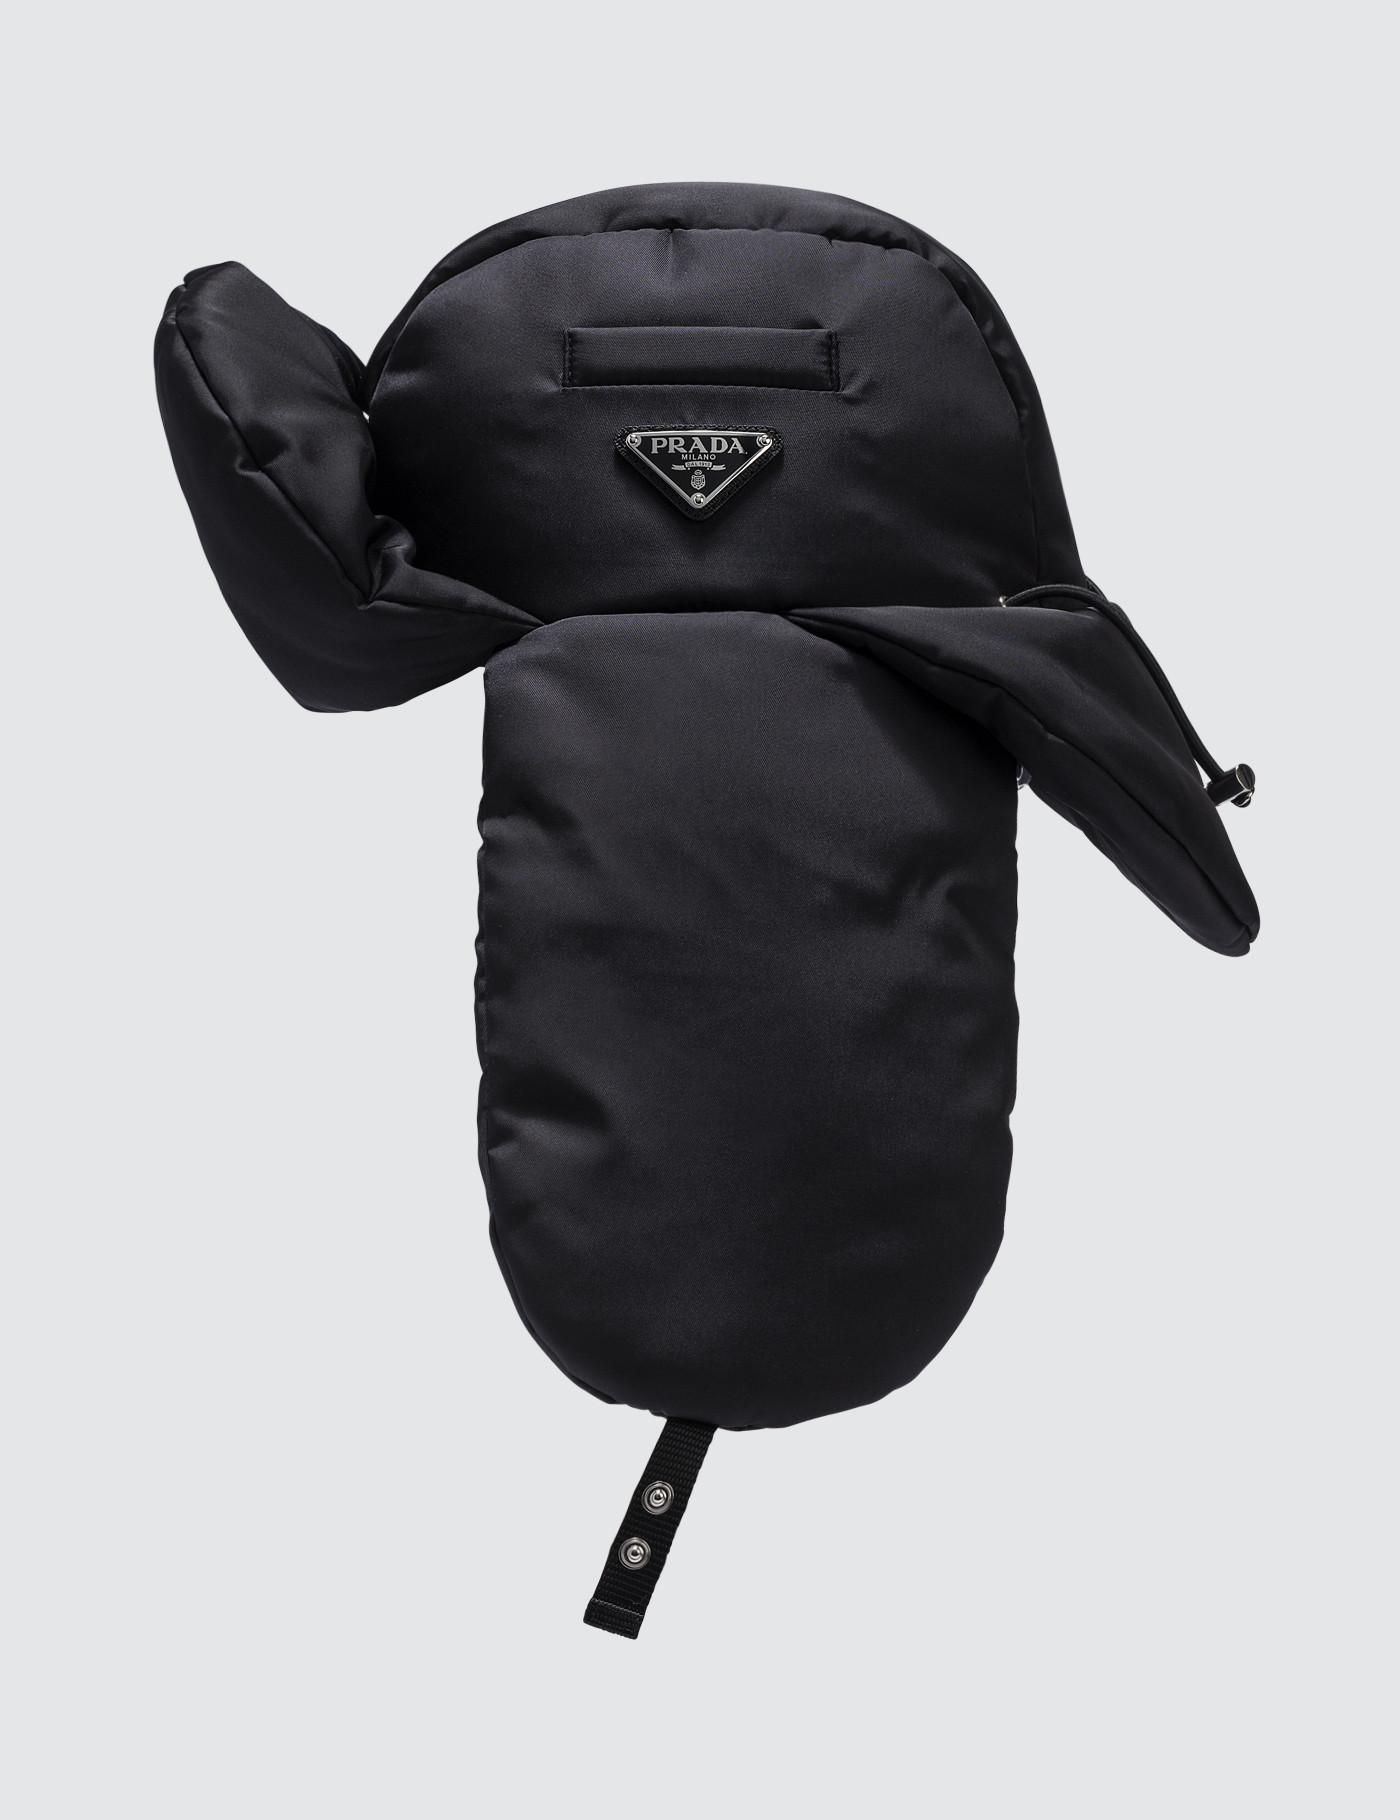 985c10cbb3ad4 Prada Padded Nylon Gabardine Hat in Black for Men - Lyst